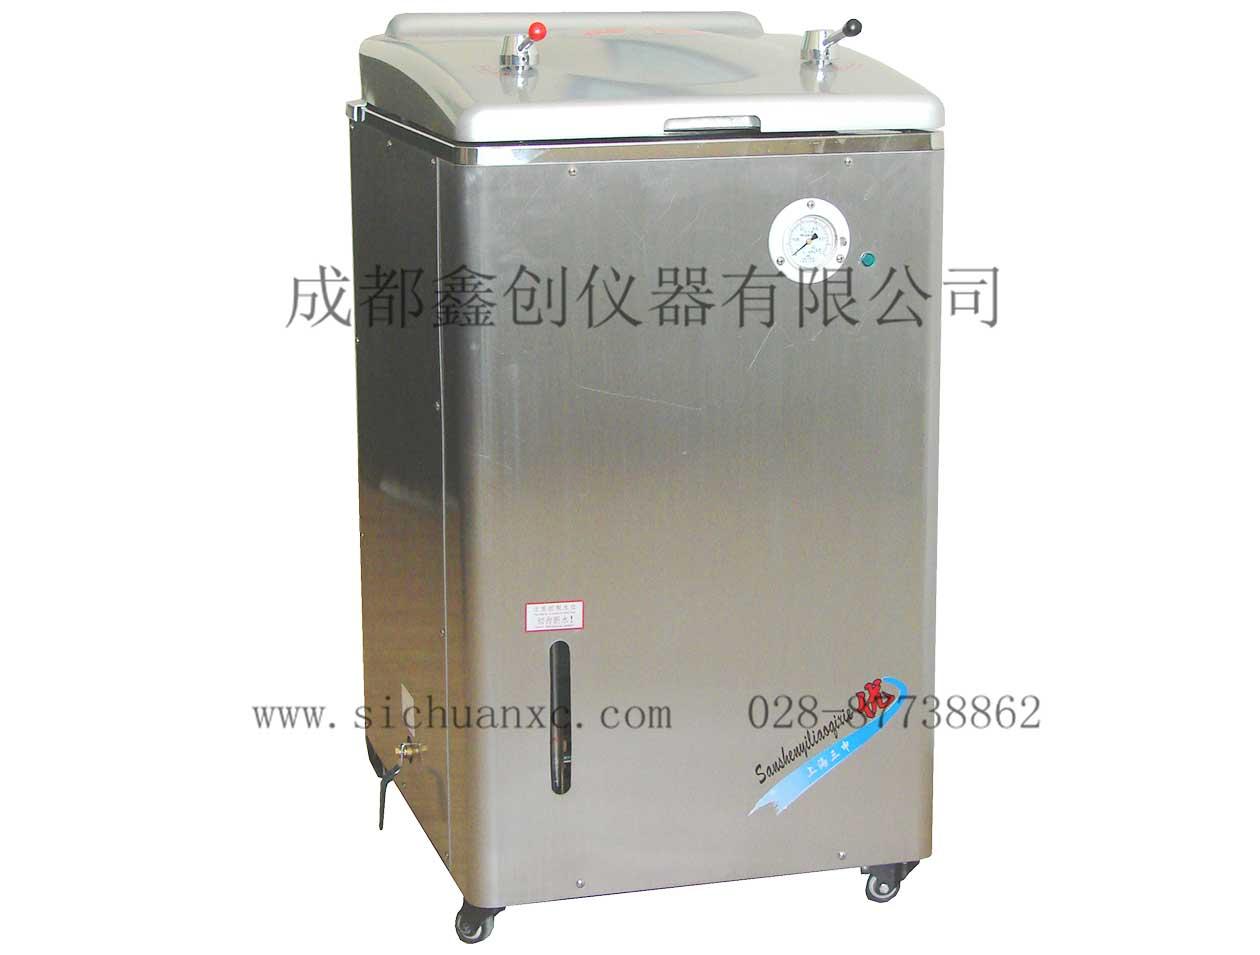 三申-A型立式压力蒸汽灭菌器